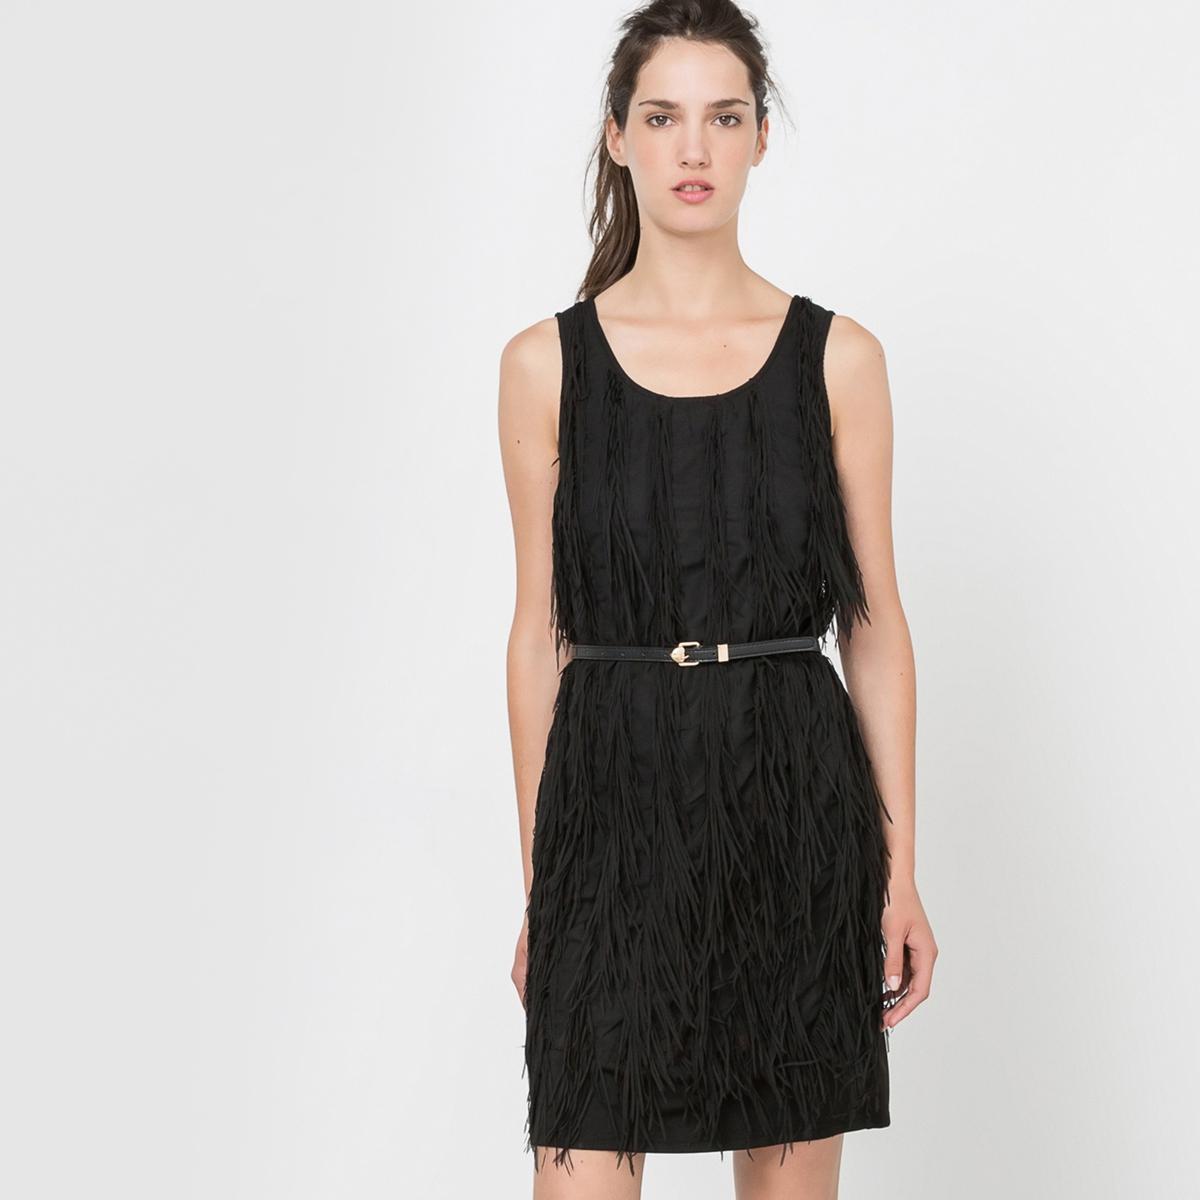 Платье прямое без рукаавовПлатье - MOLLY BRACKEN. Прямой покрой.  Круглый вырез. Отделка бахромой.          Состав и описаниеМатериал: 100% полиэстера.     Марка: MOLLY BRACKEN.<br><br>Цвет: черный